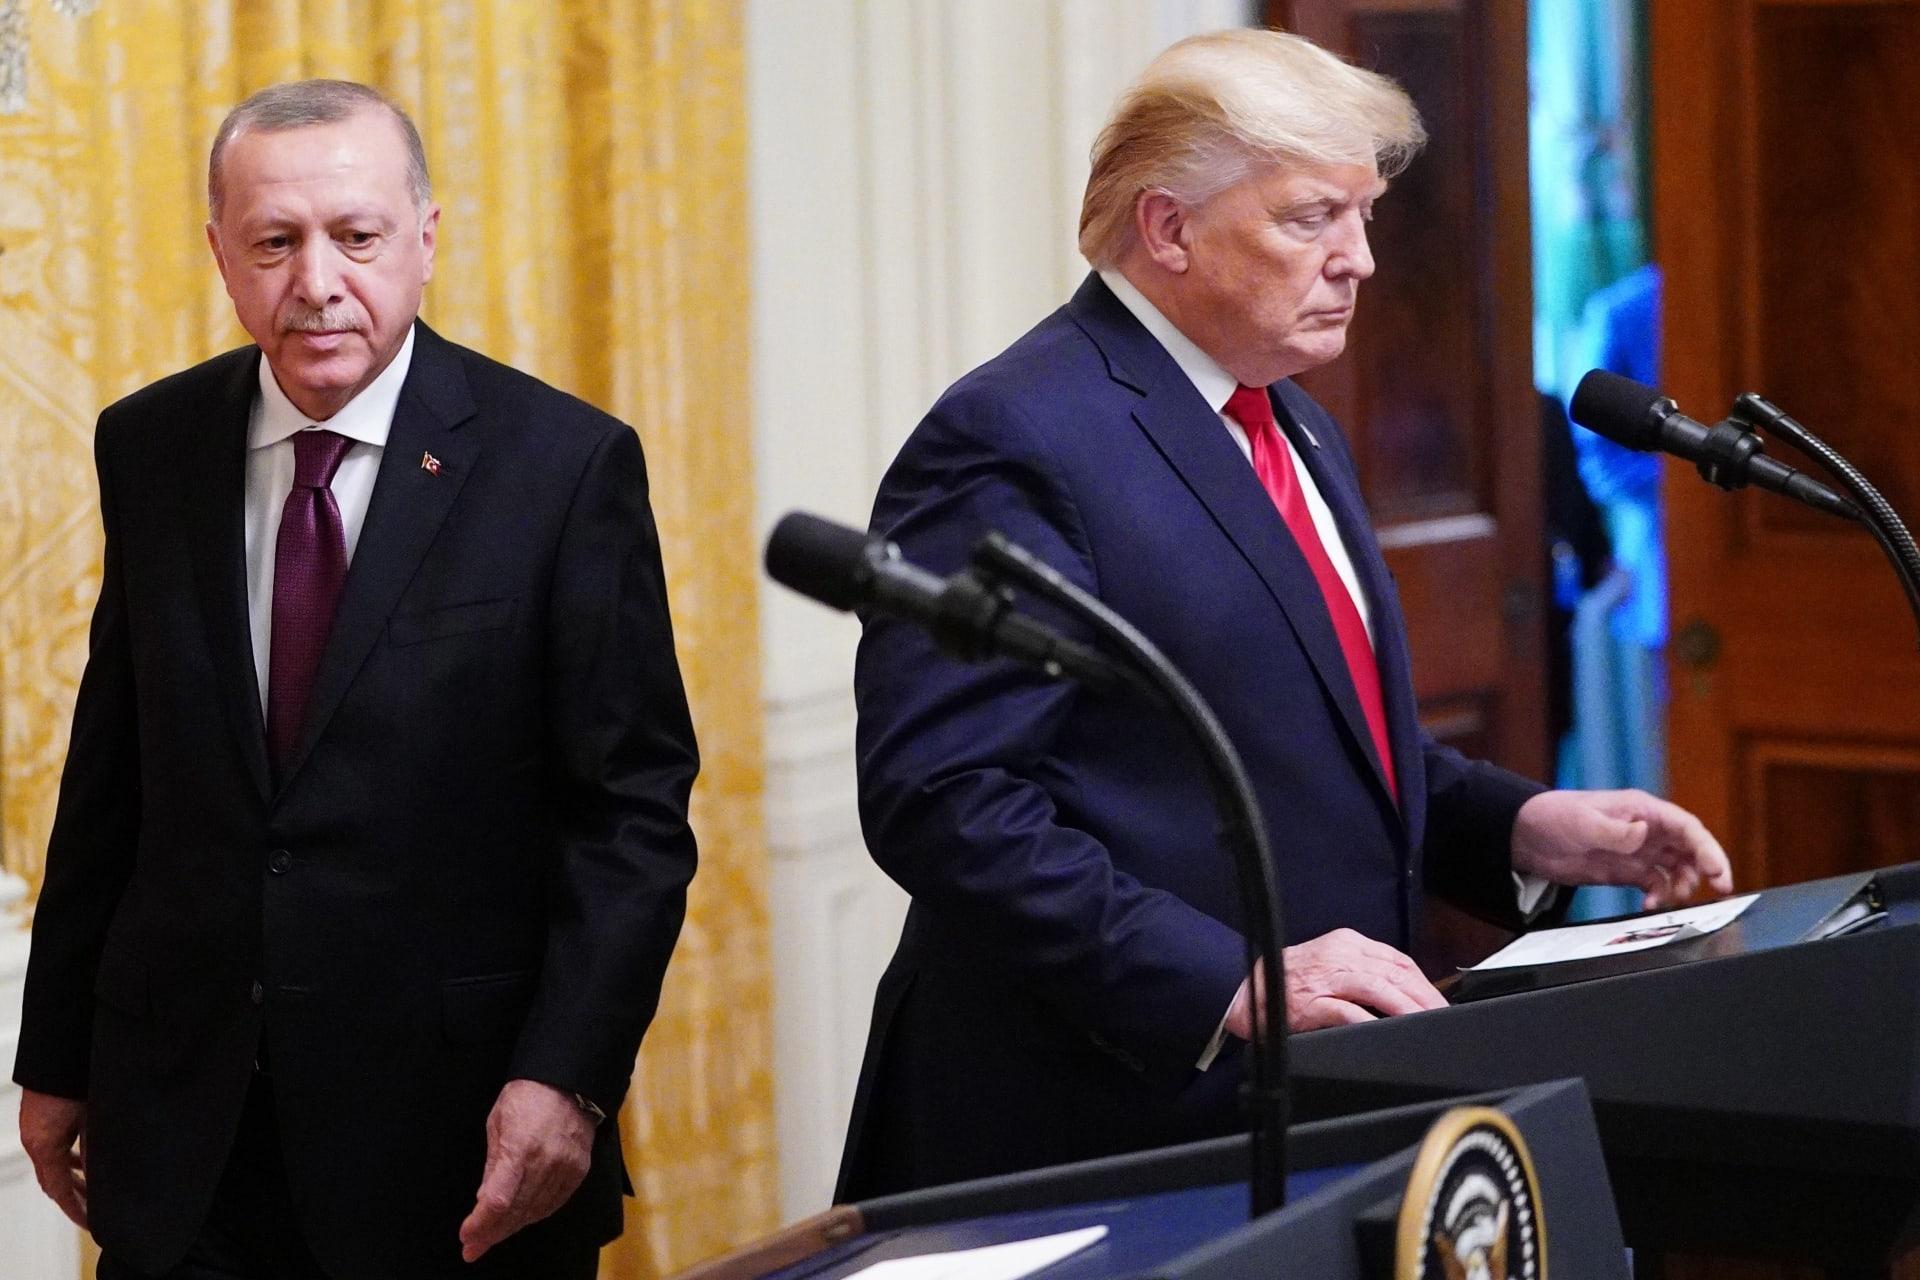 في أول تعليق له على العقوبات الأمريكية.. أردوغان: هذا السبب الرئيسي لخطوة واشنطن